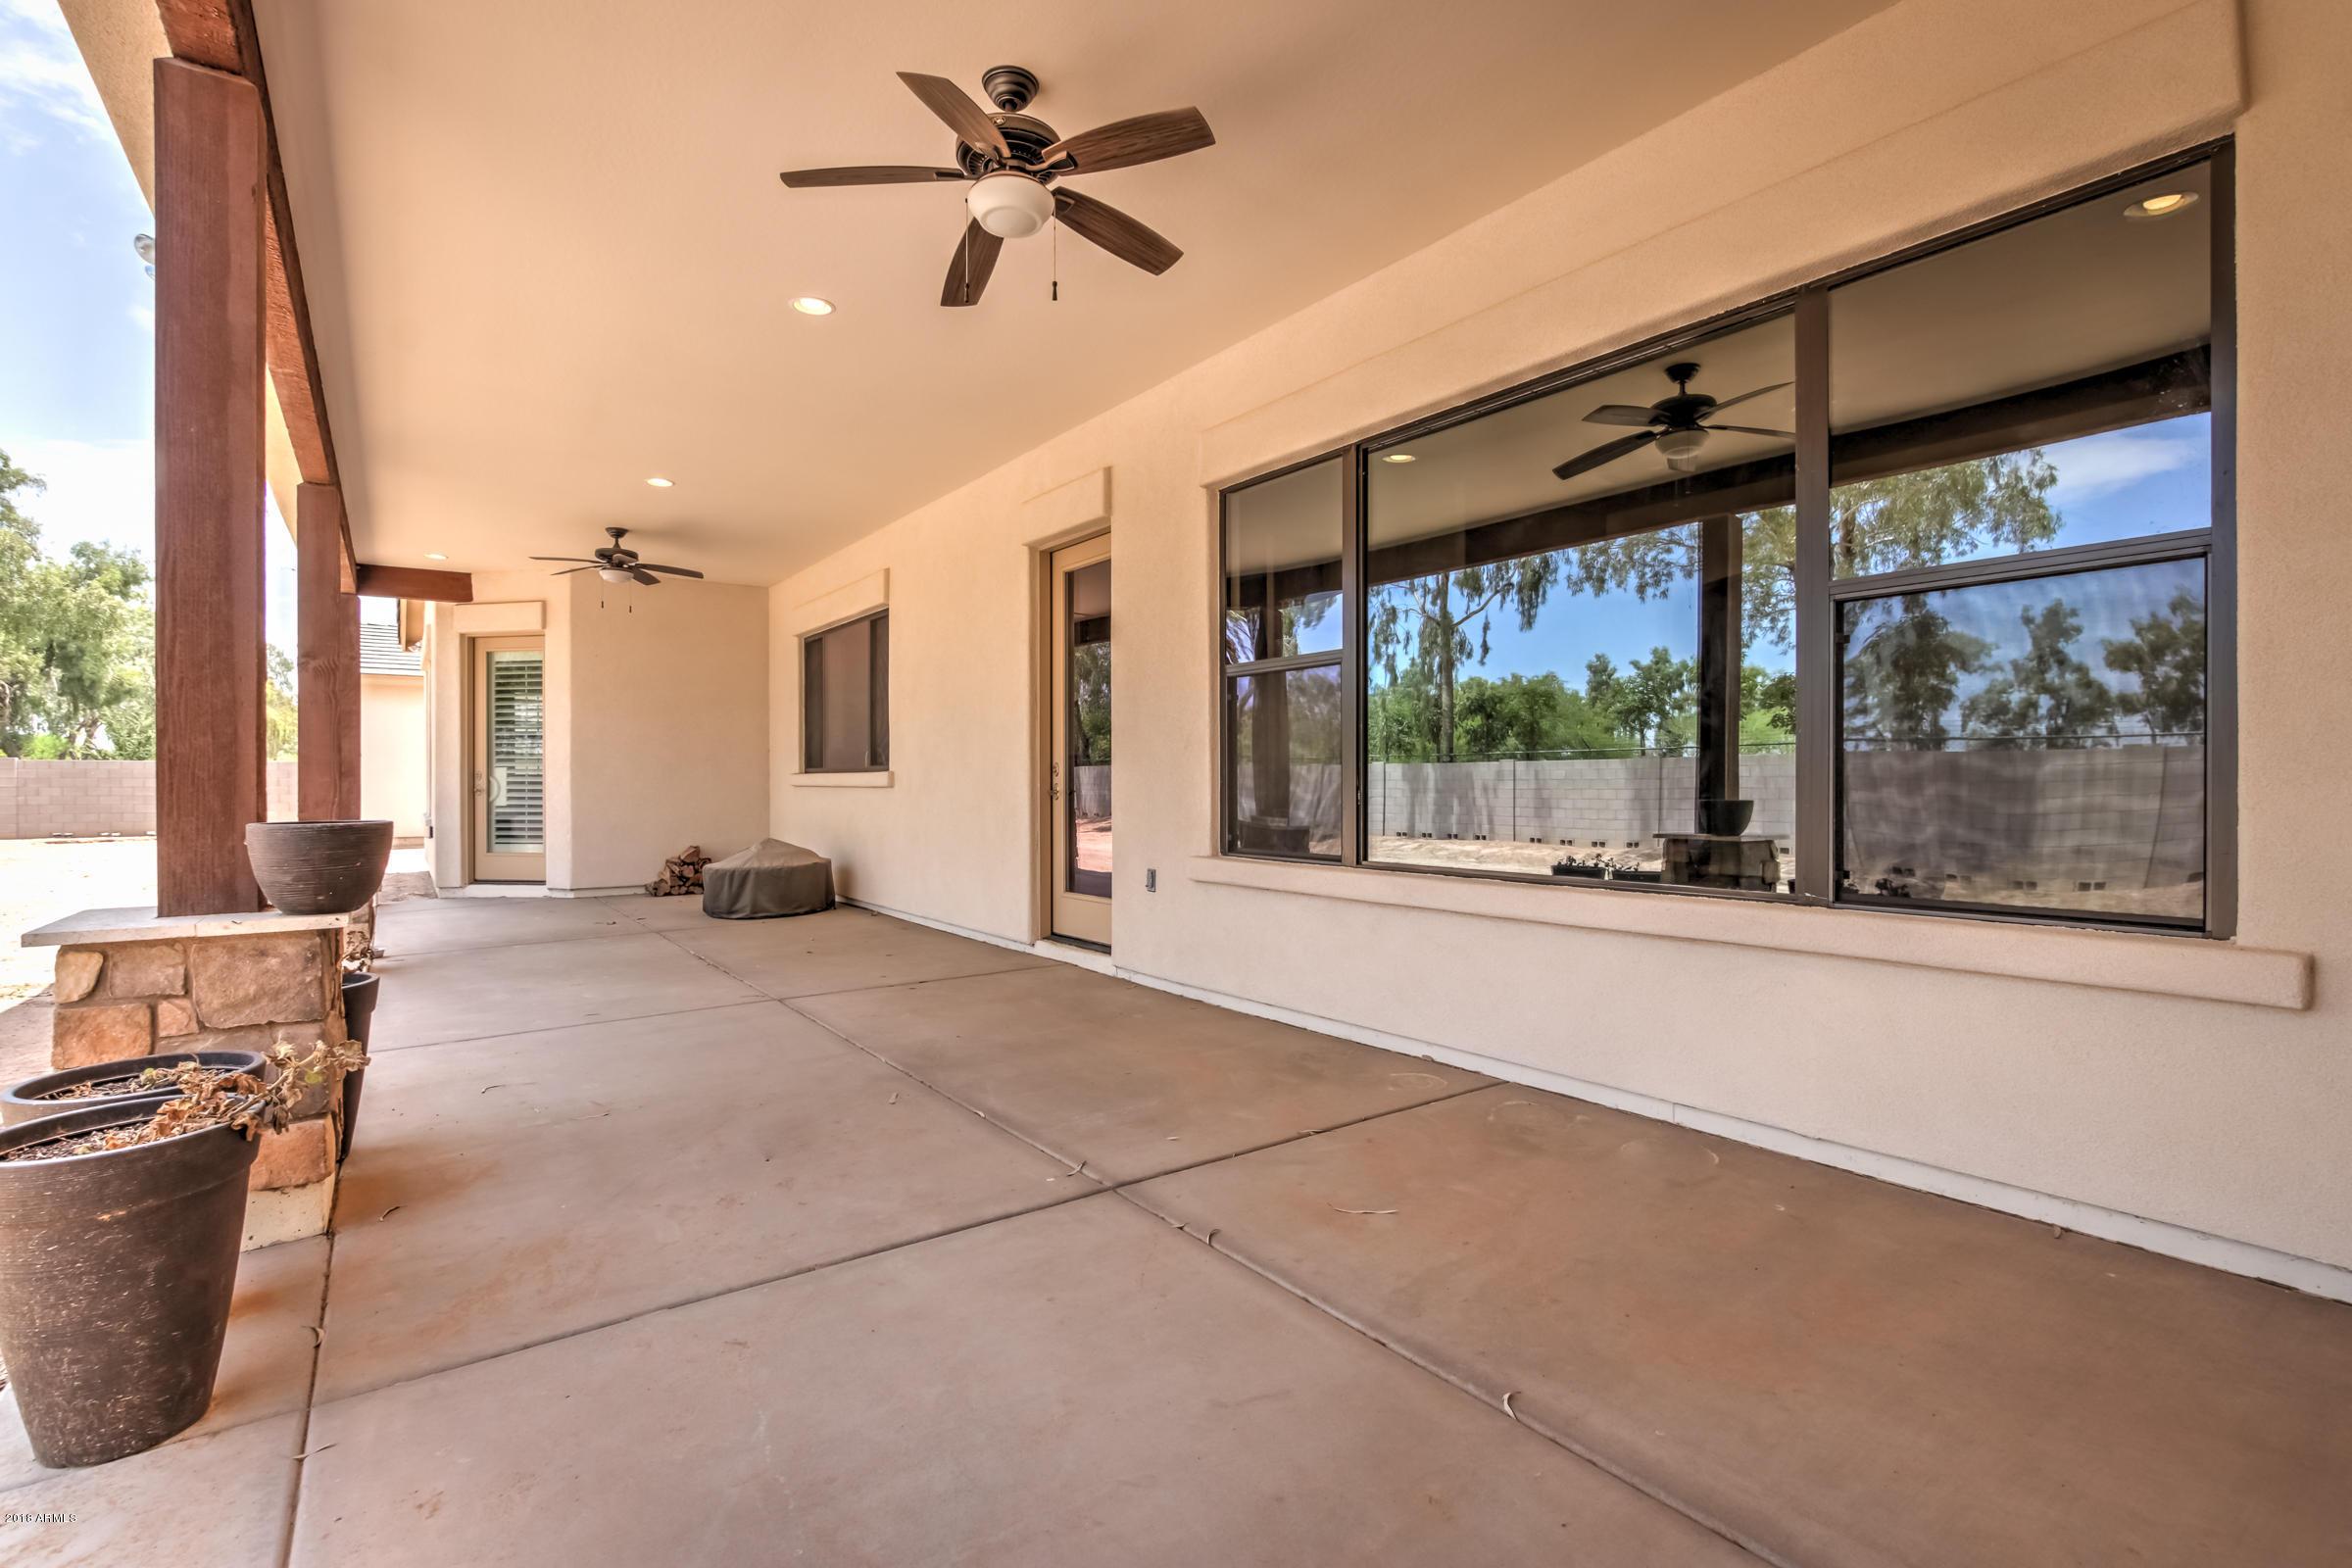 MLS 5799048 12208 E WOOD Drive, Chandler, AZ 85249 Newly Built